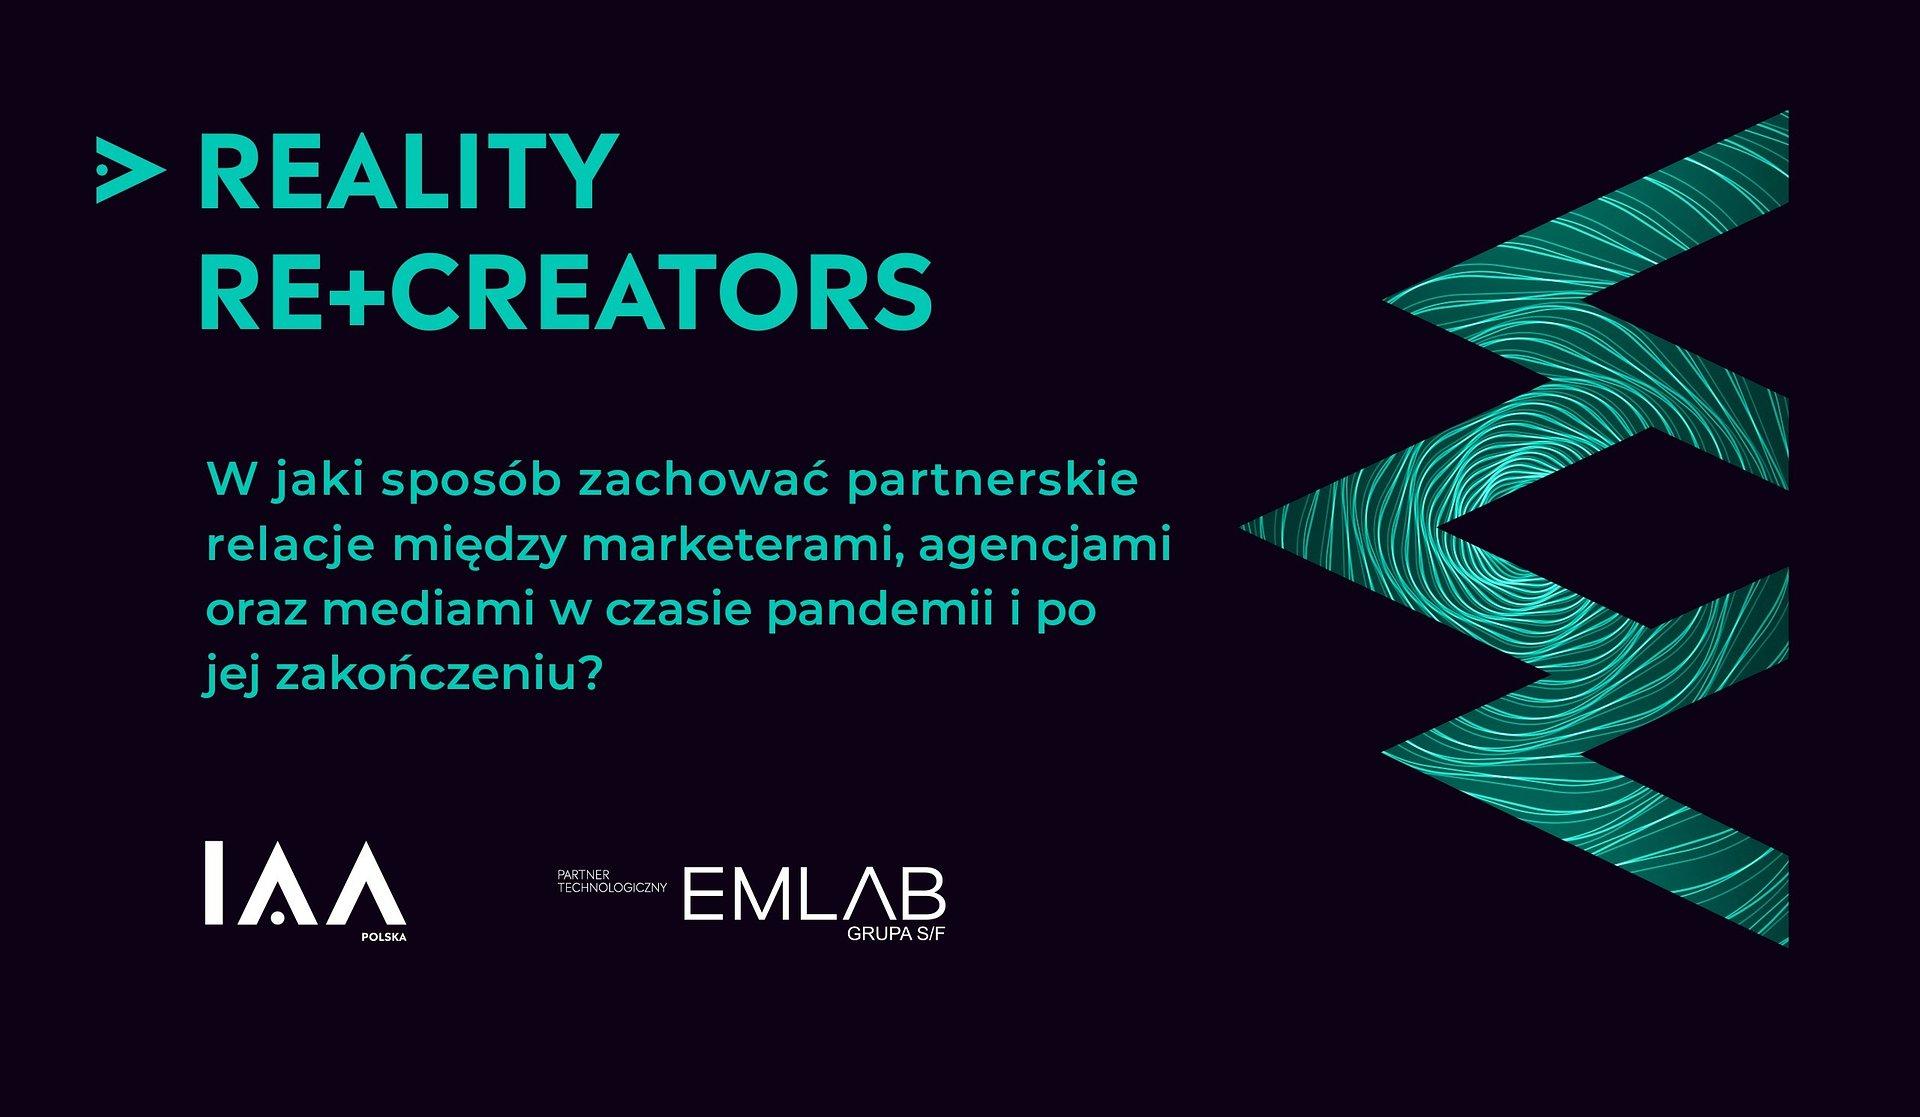 Emlab partnerem IAA Polska w organizacji pierwszego interaktywnego panelu dyskusyjnego Reality Re+Creators